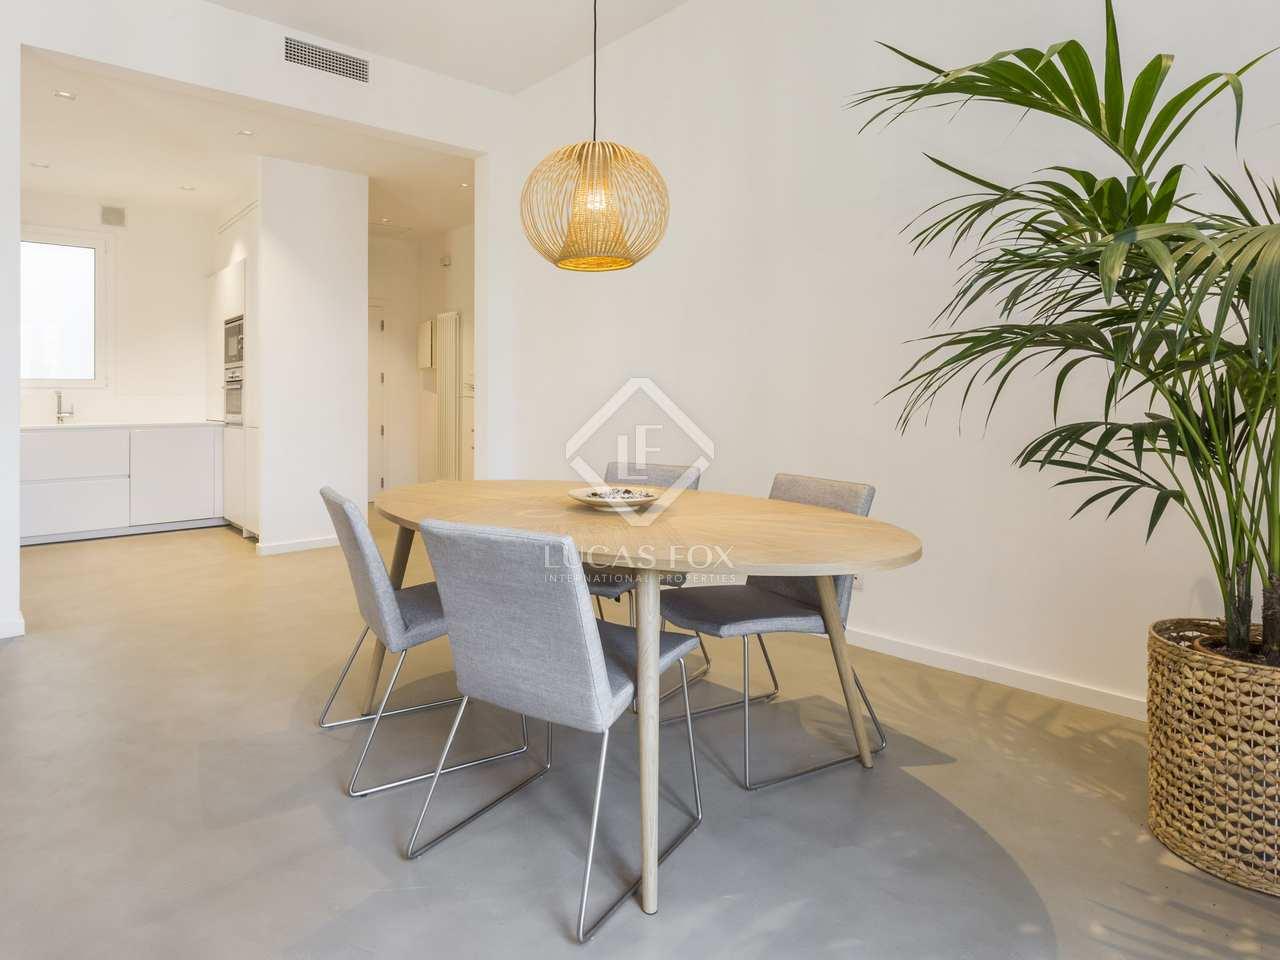 Apartamento de 2 dormitorios en alquiler en el eixample - Calle casp barcelona ...